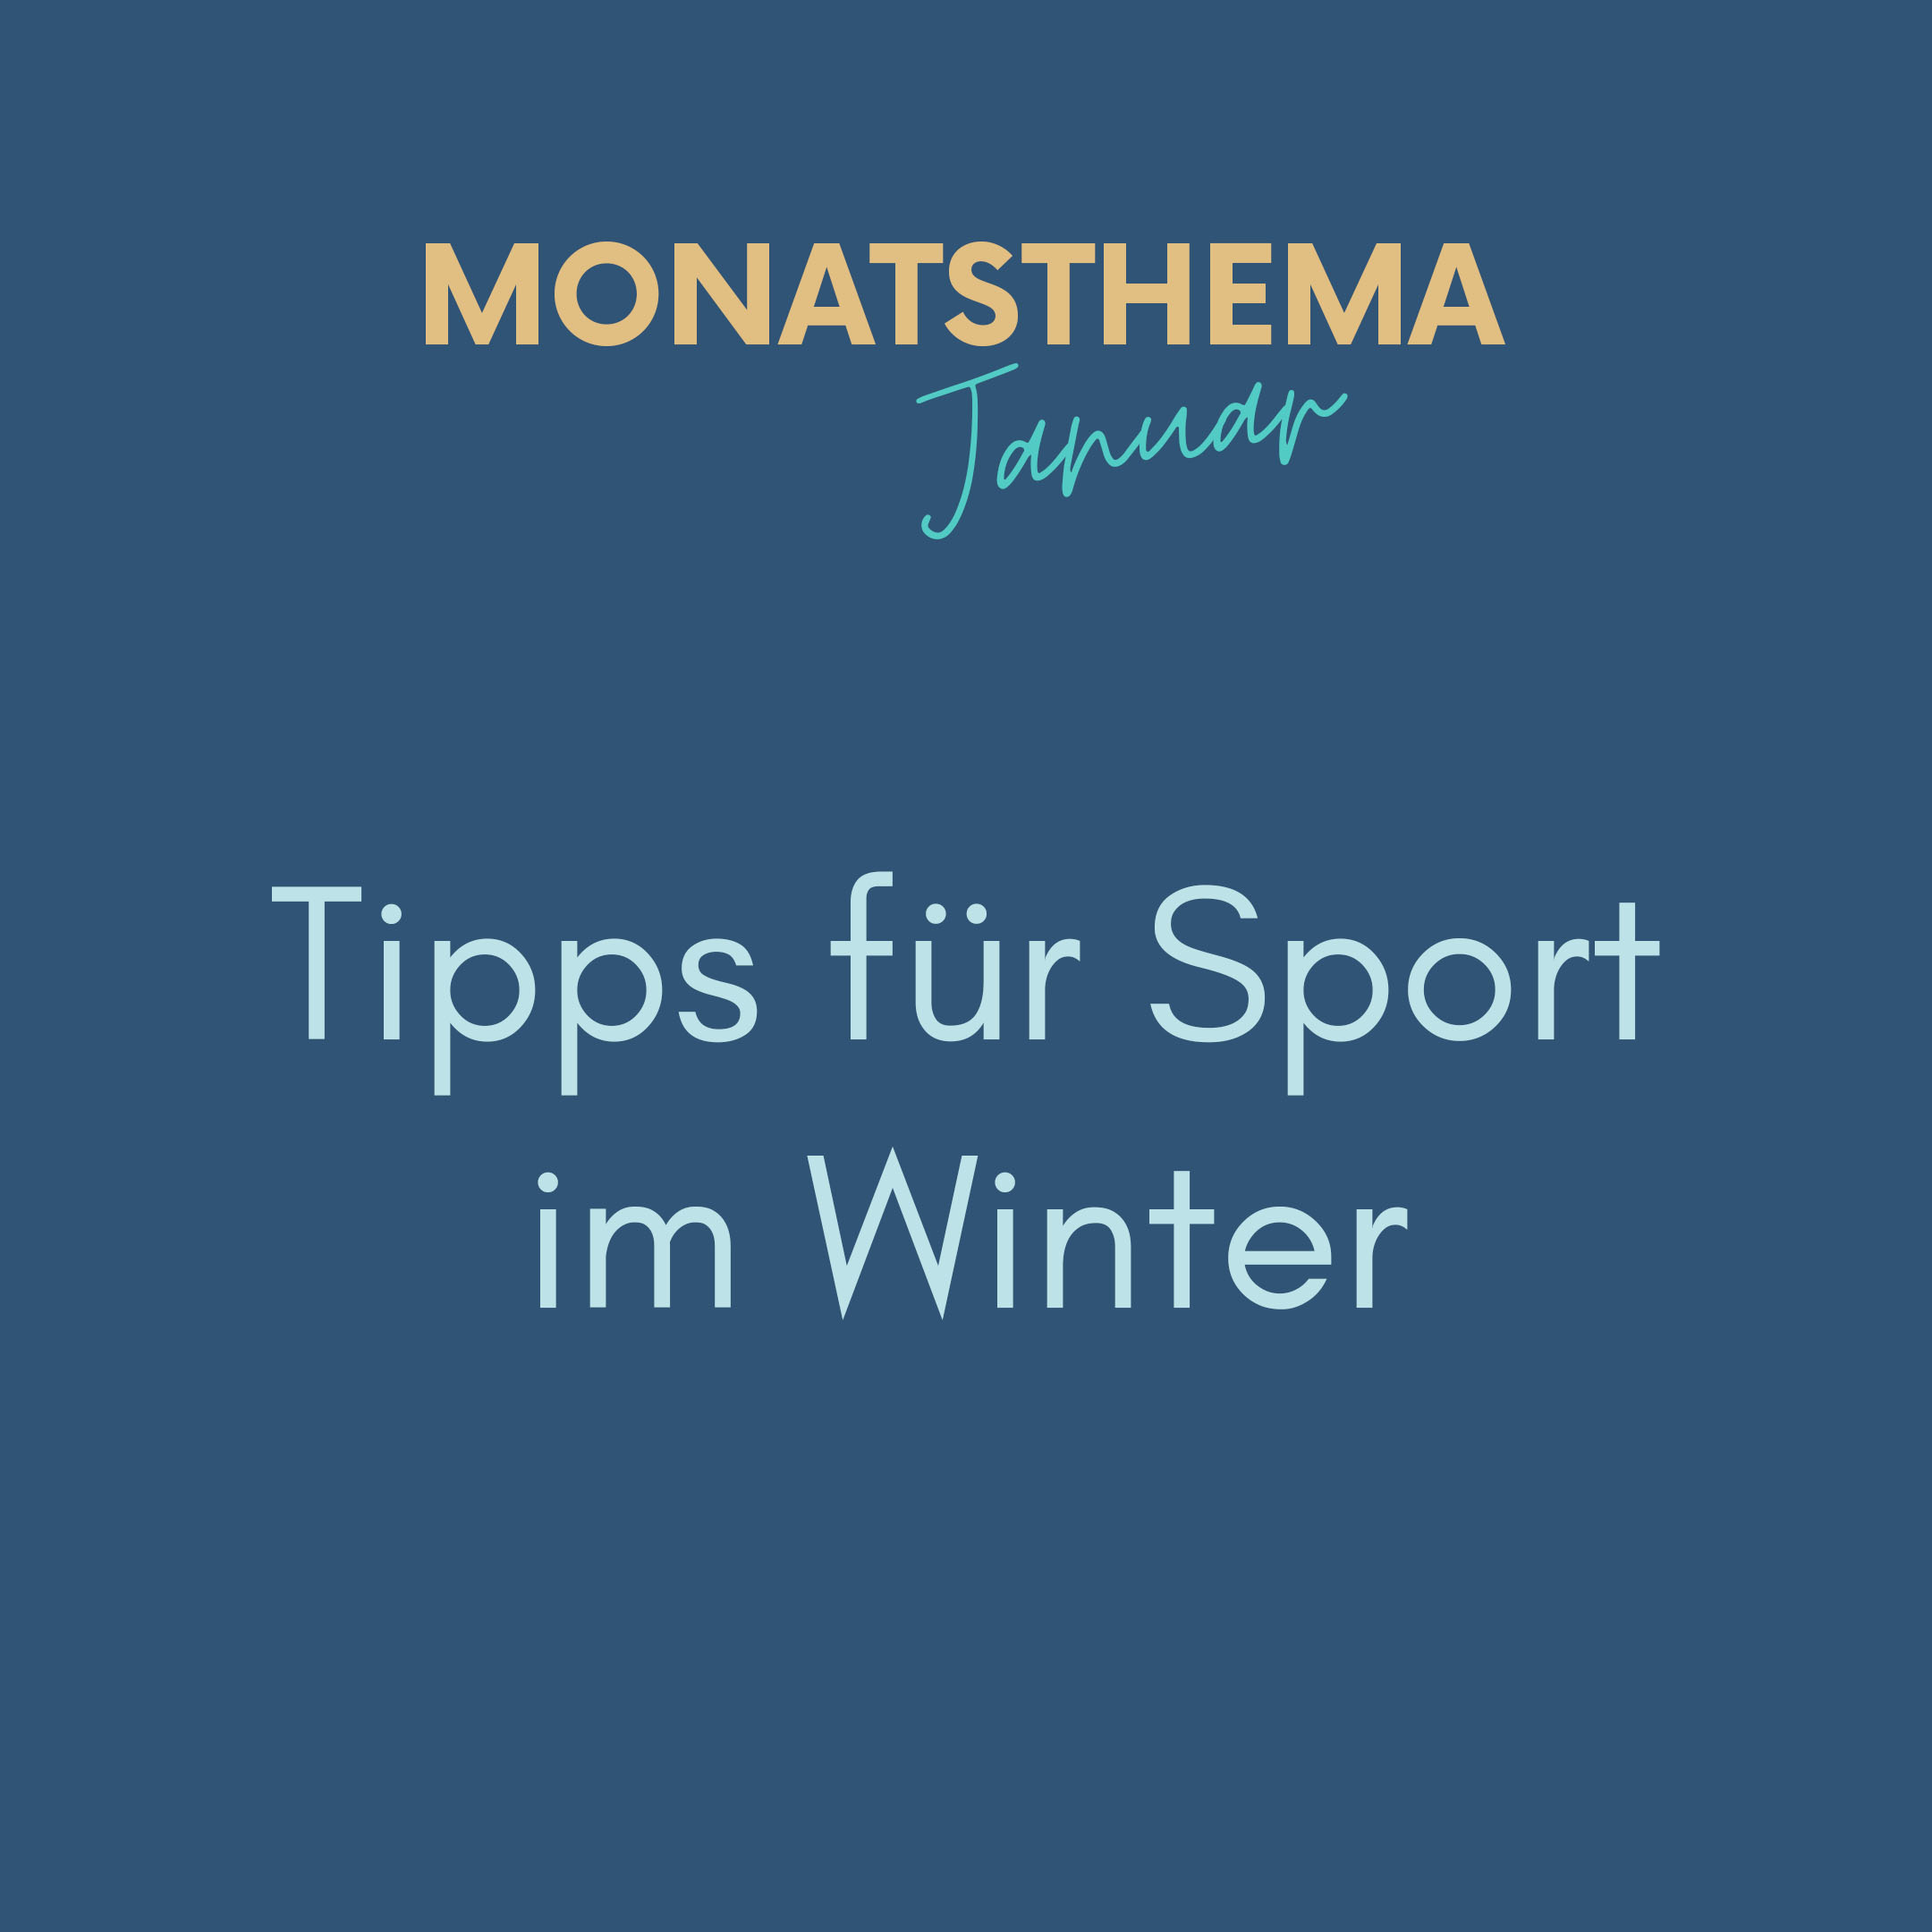 blauer Hintergrund mit Text: Monatsthema Januar, Tipps für Sport im Winter